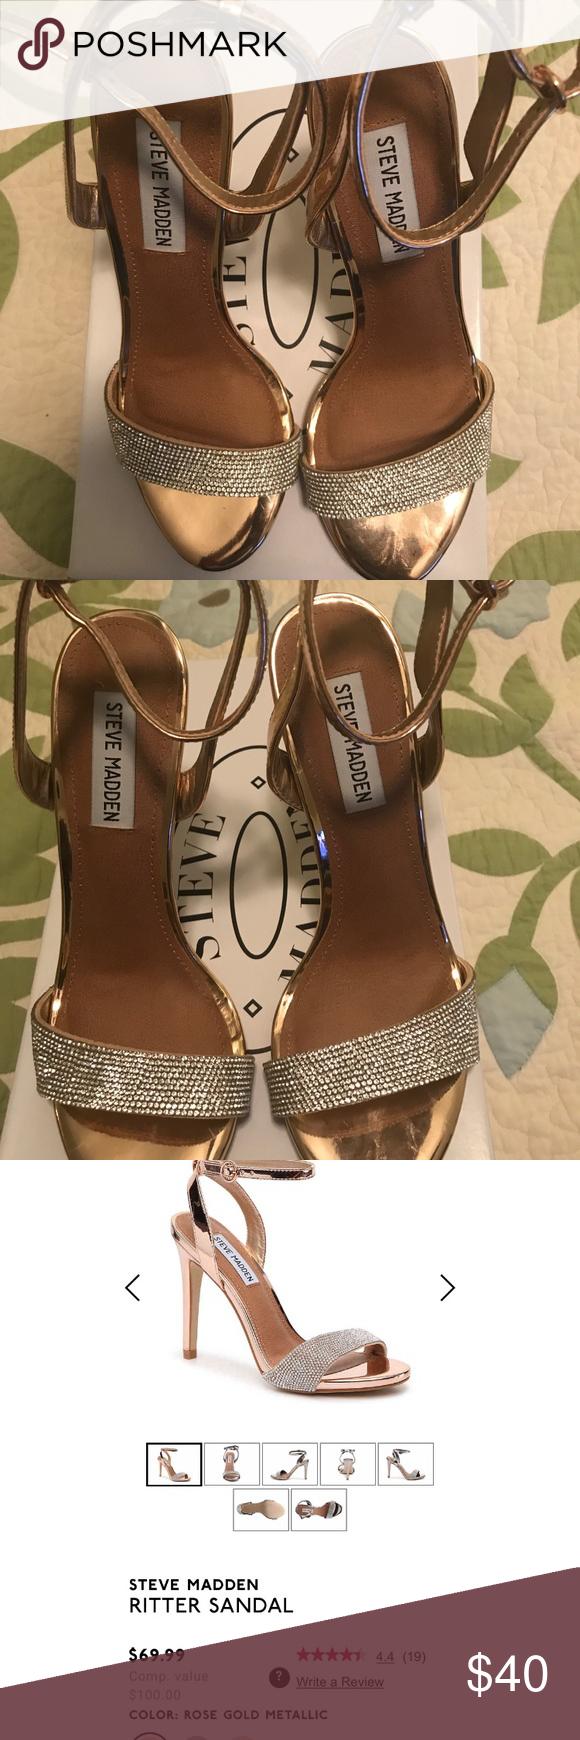 f2617885b1f ️Steve Madden Rose Gold Sandal‼ Steve Madden Ritter Sandal - Rose Gold-